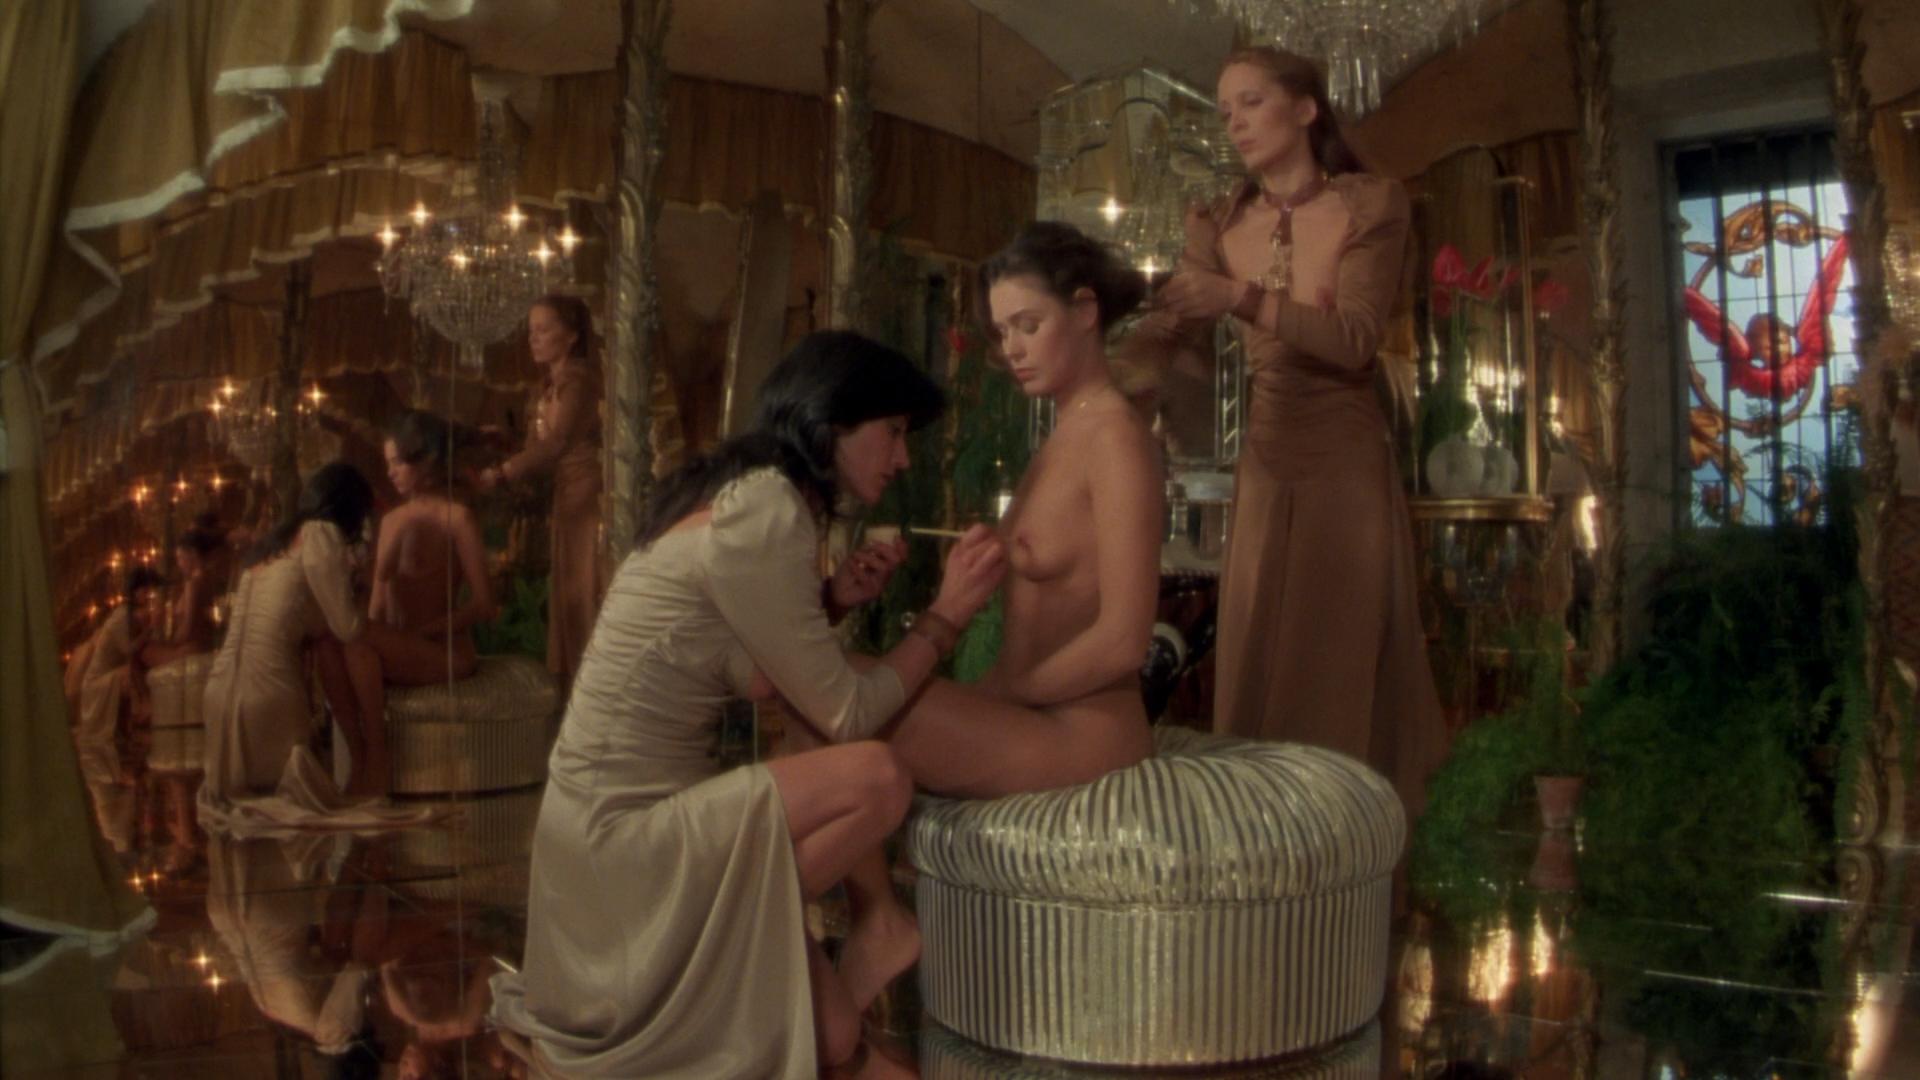 парни эротический художественный фильм средневековье что вам для